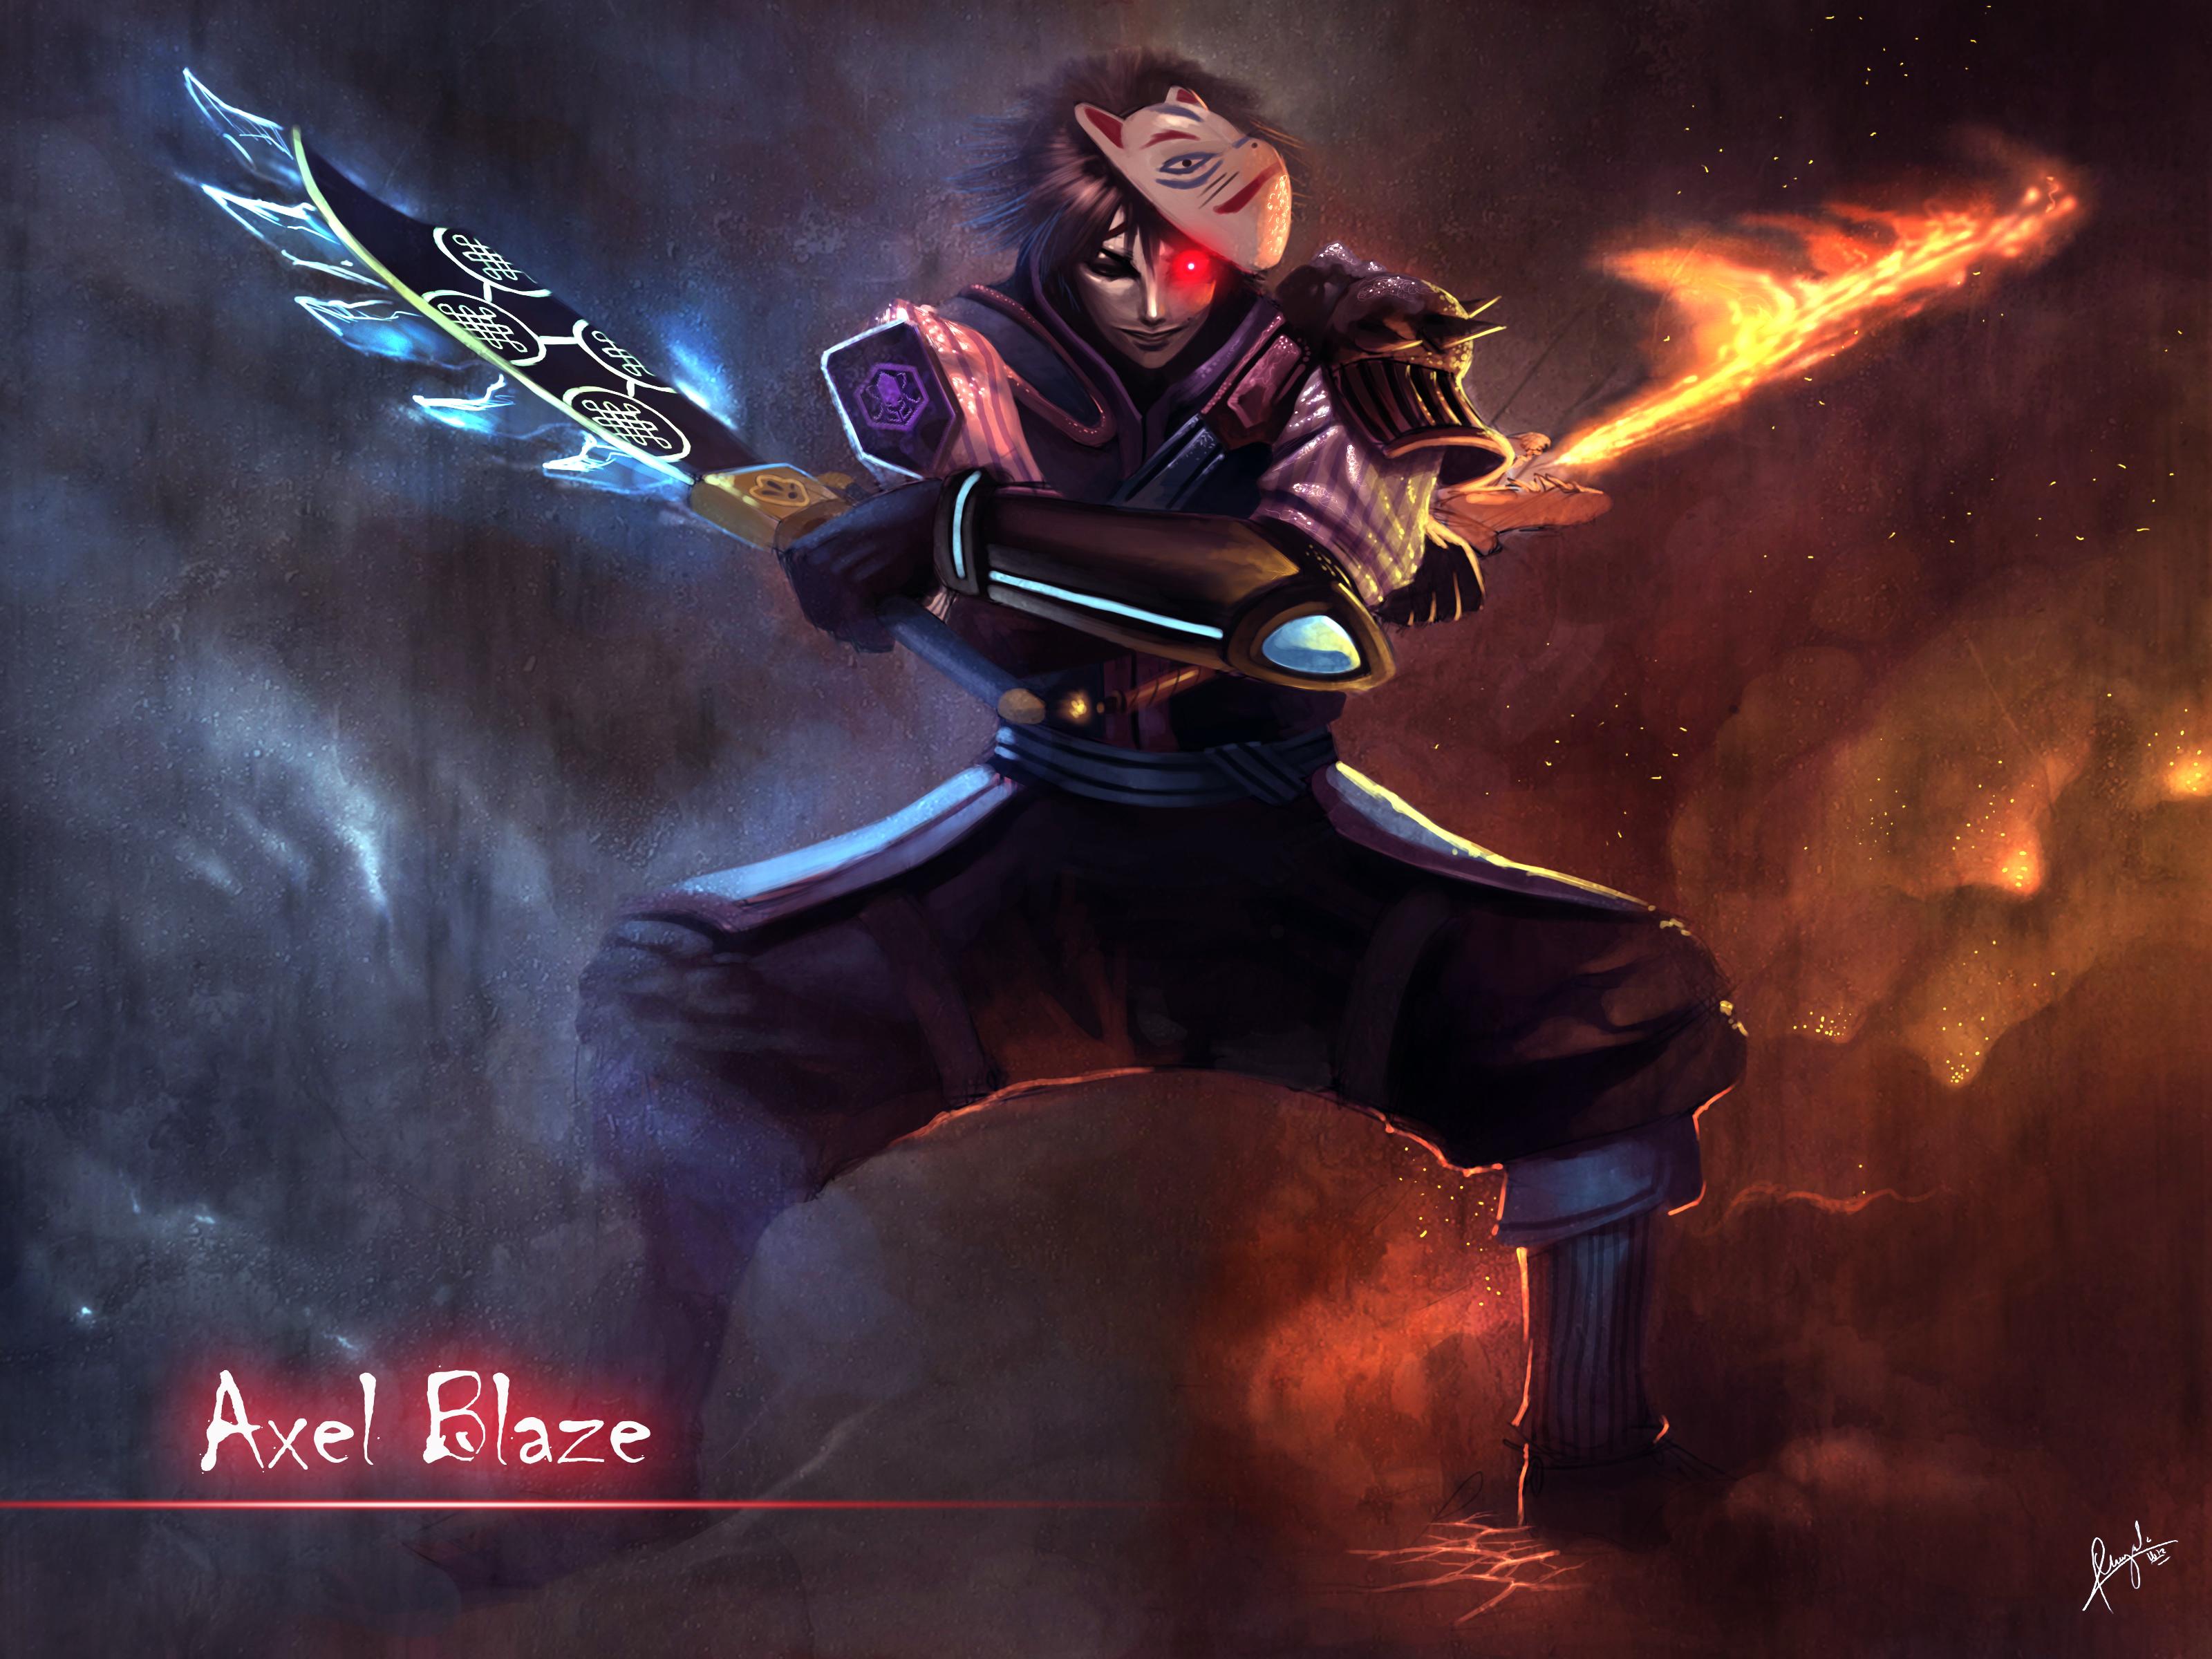 Axel Blaze Siddharth storm   Ninja saga by UchihaAxel05 3200x2400